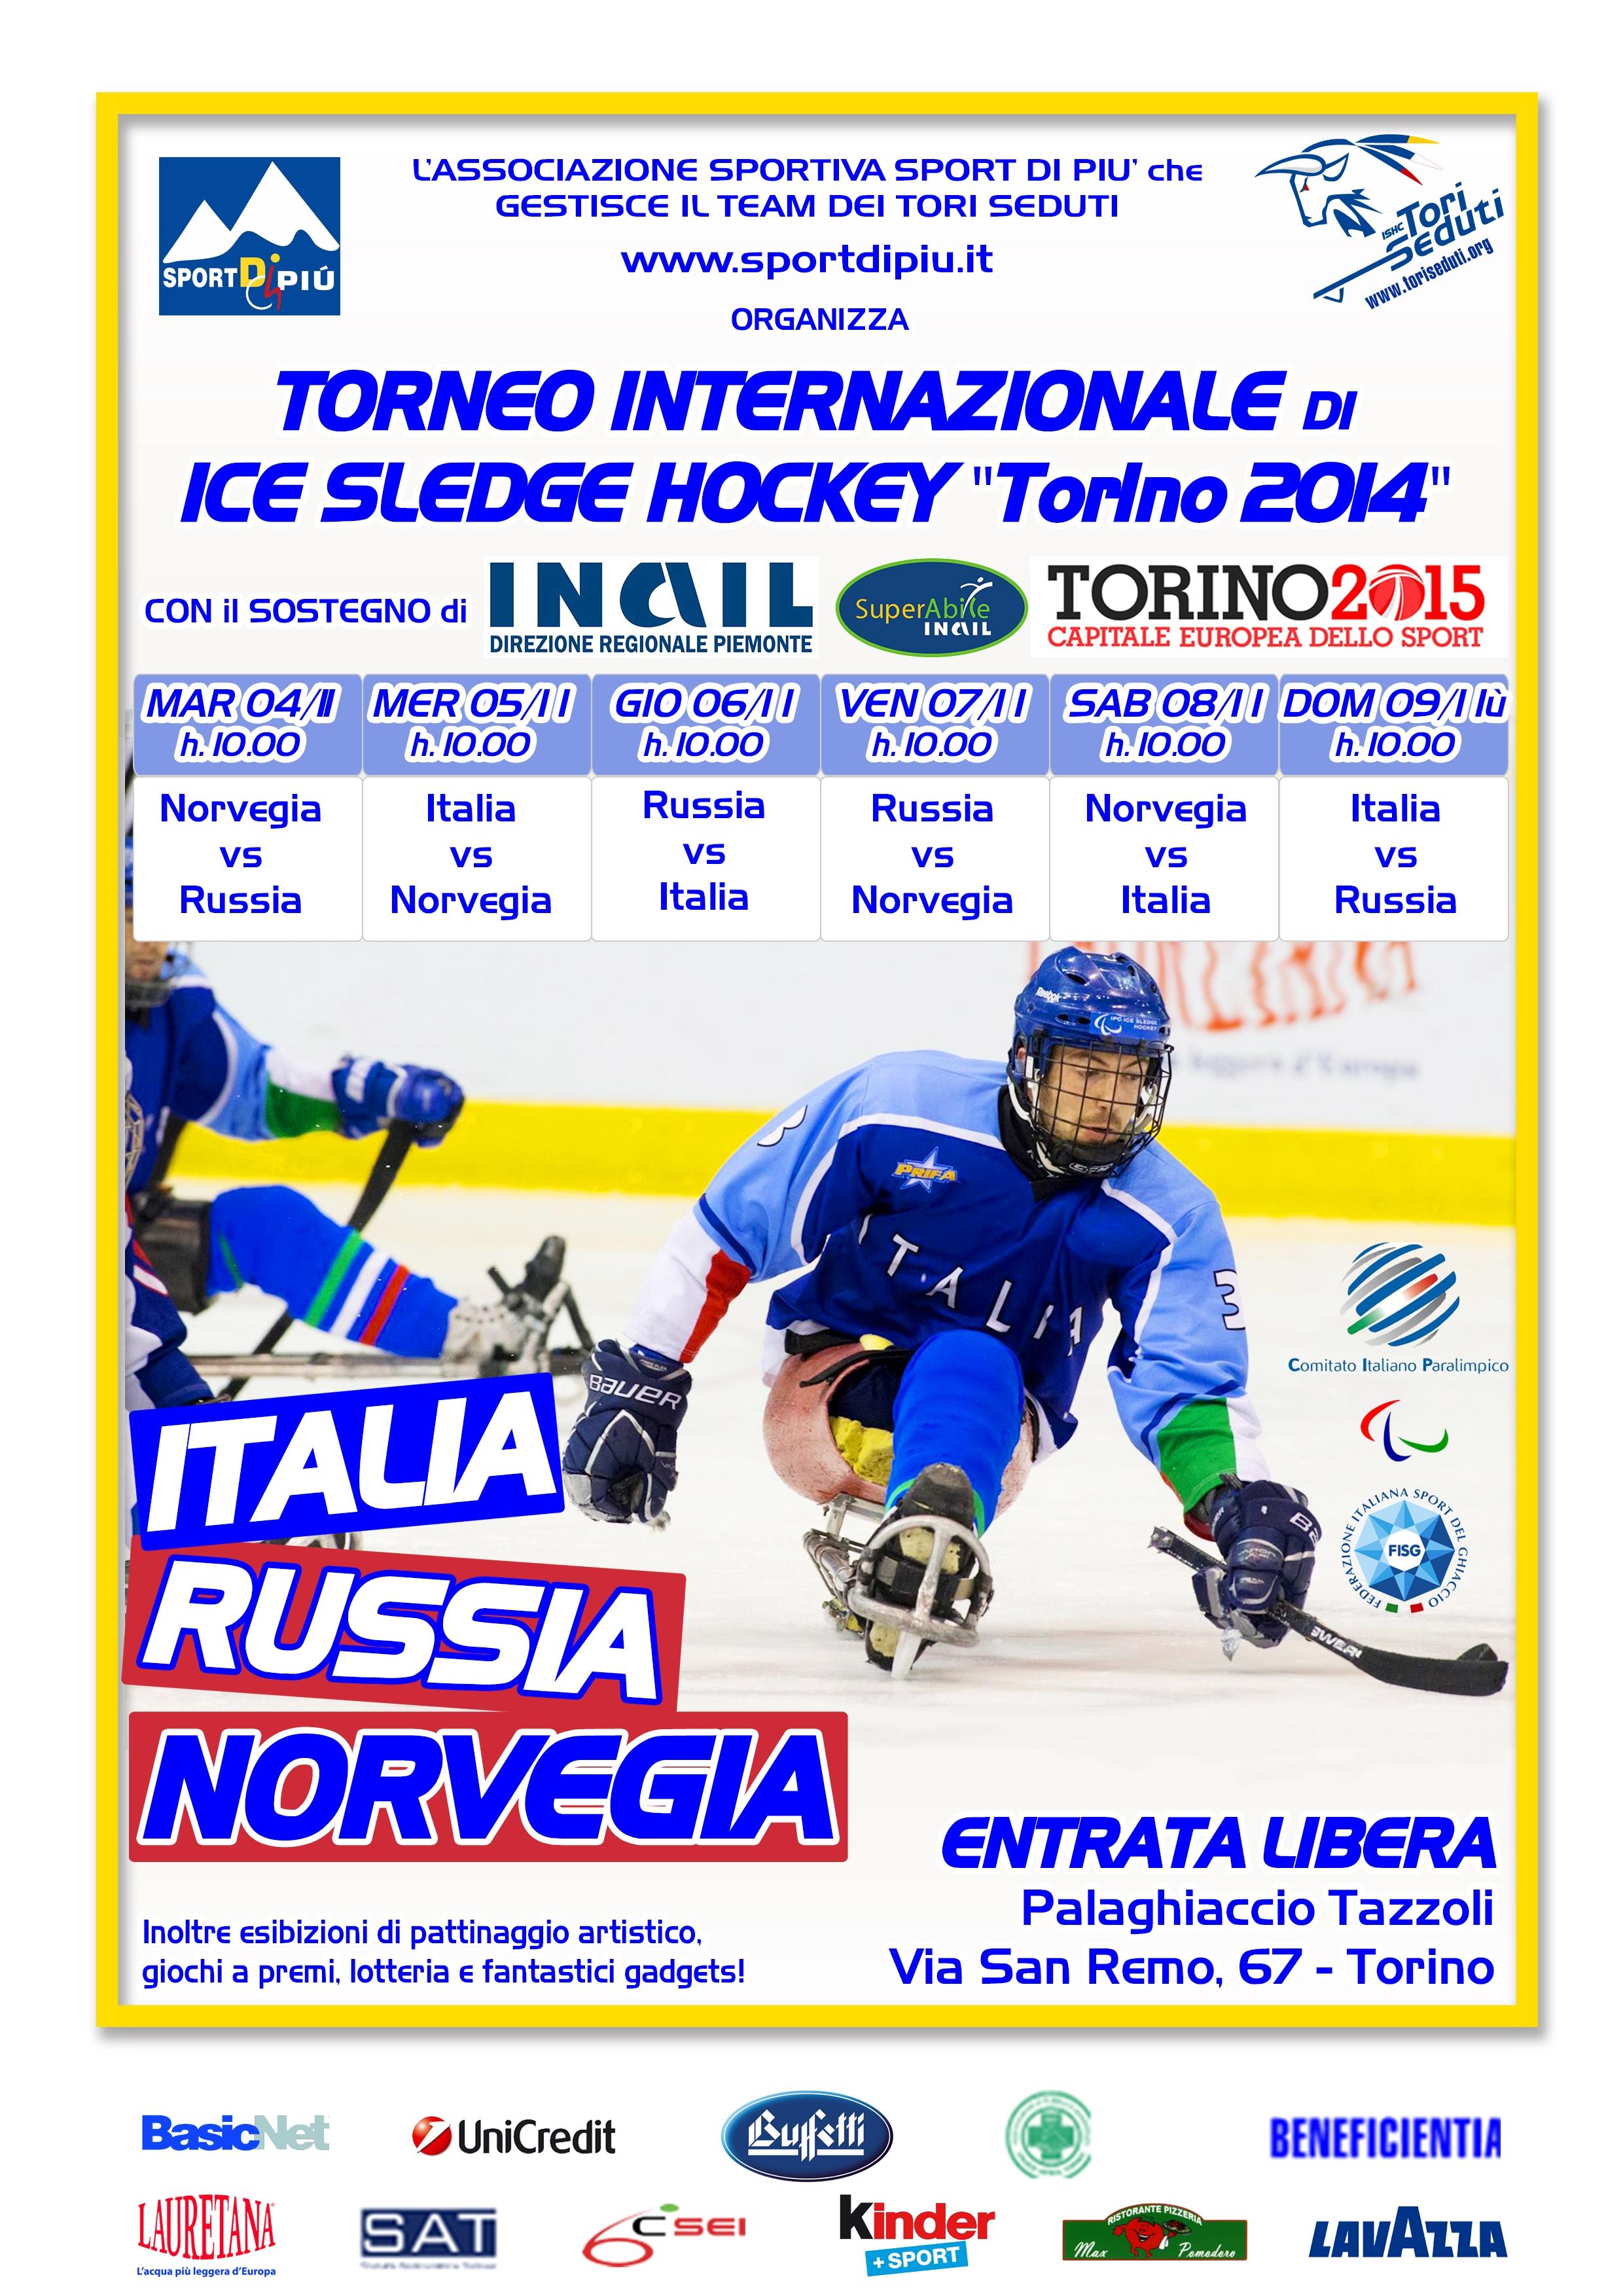 2014-10-08_Locandina torneo Internazionale Novembre (2)